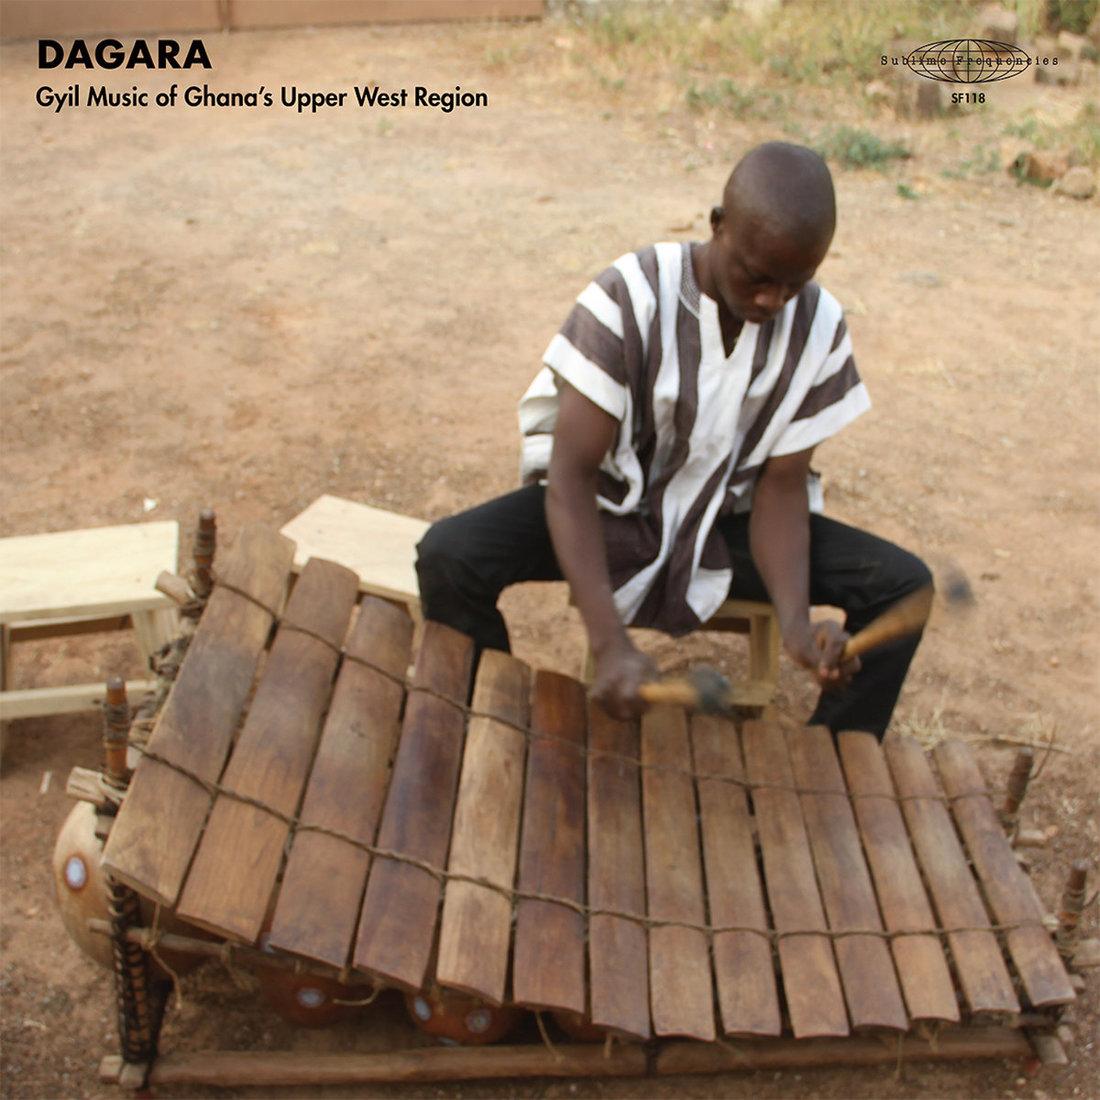 Dagar Gyil Ensemble of Lawra - DAGARA - Gyil Music of Ghana's Upper West Region (Sublime Frequencies)